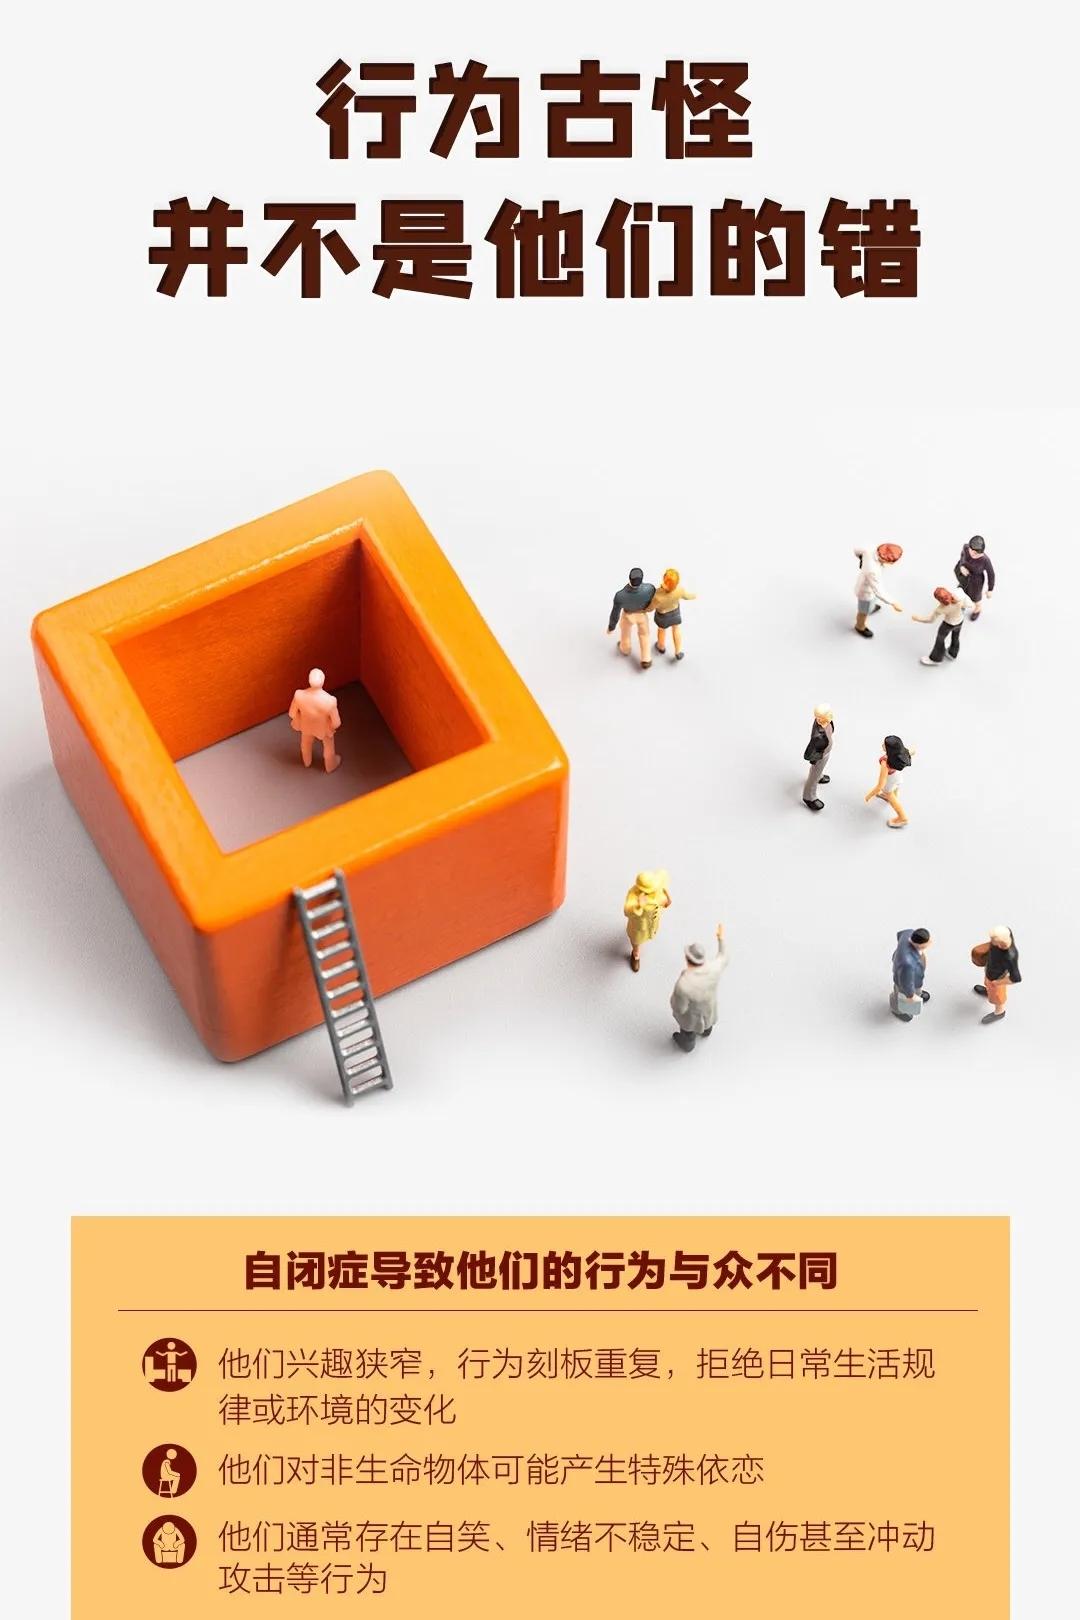 https://level8cases.oss-cn-hangzhou.aliyuncs.com/640.webp(3)-8ecf86d2-522a-4600-8a99-d5d8d4632cf3.jpg